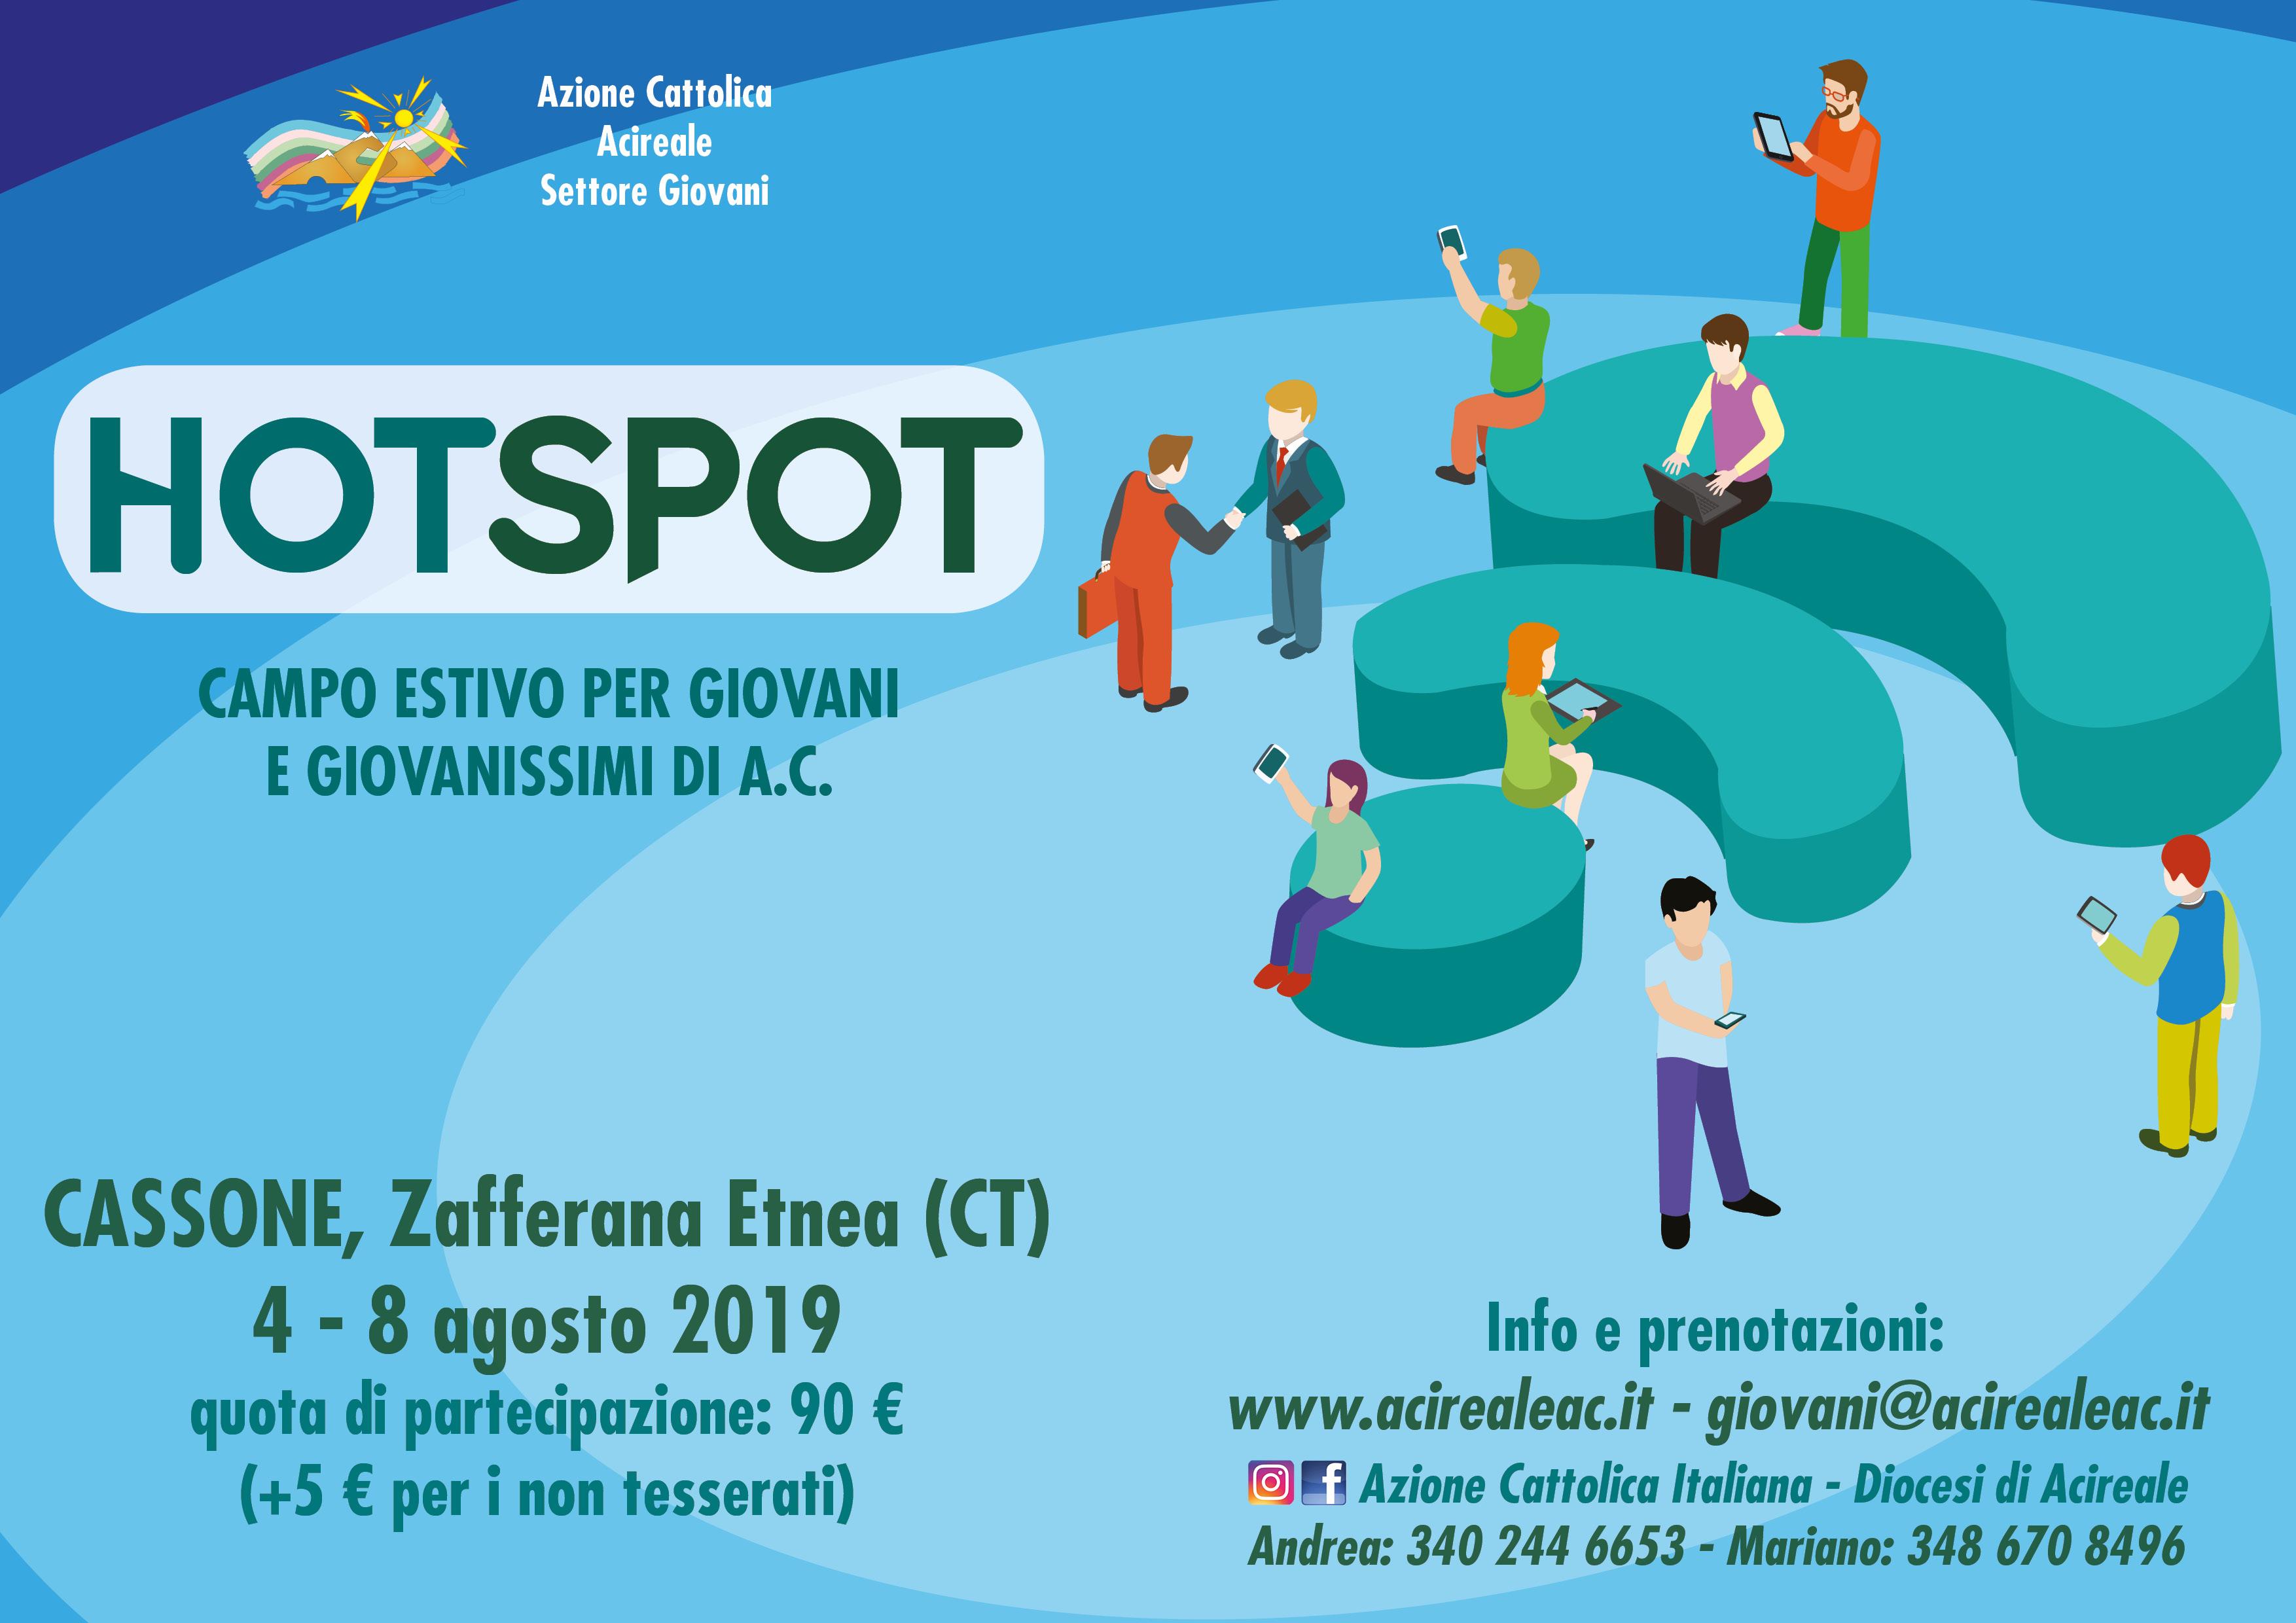 Hotspot: campo diocesano del settore Giovani